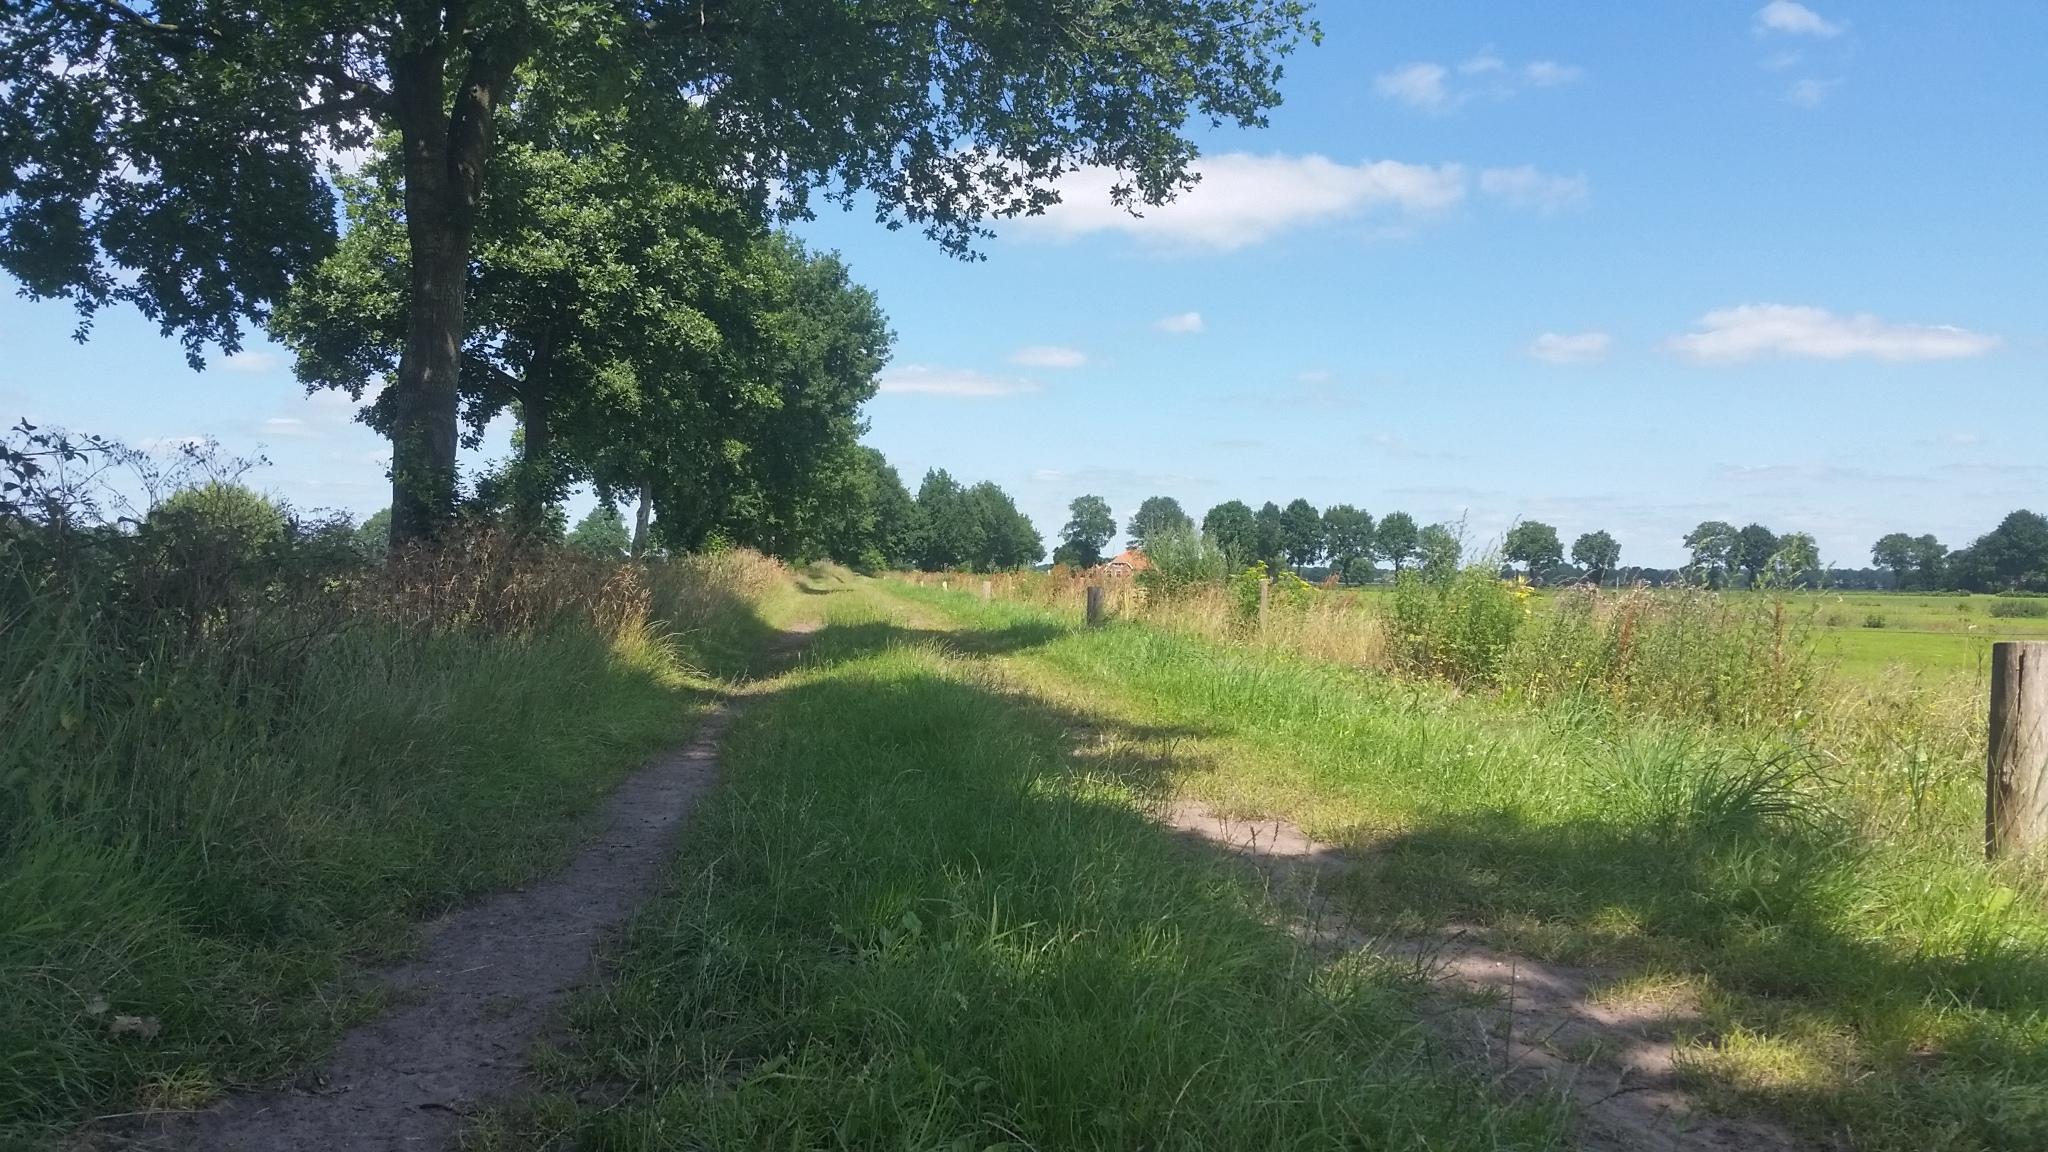 Vennootswijk